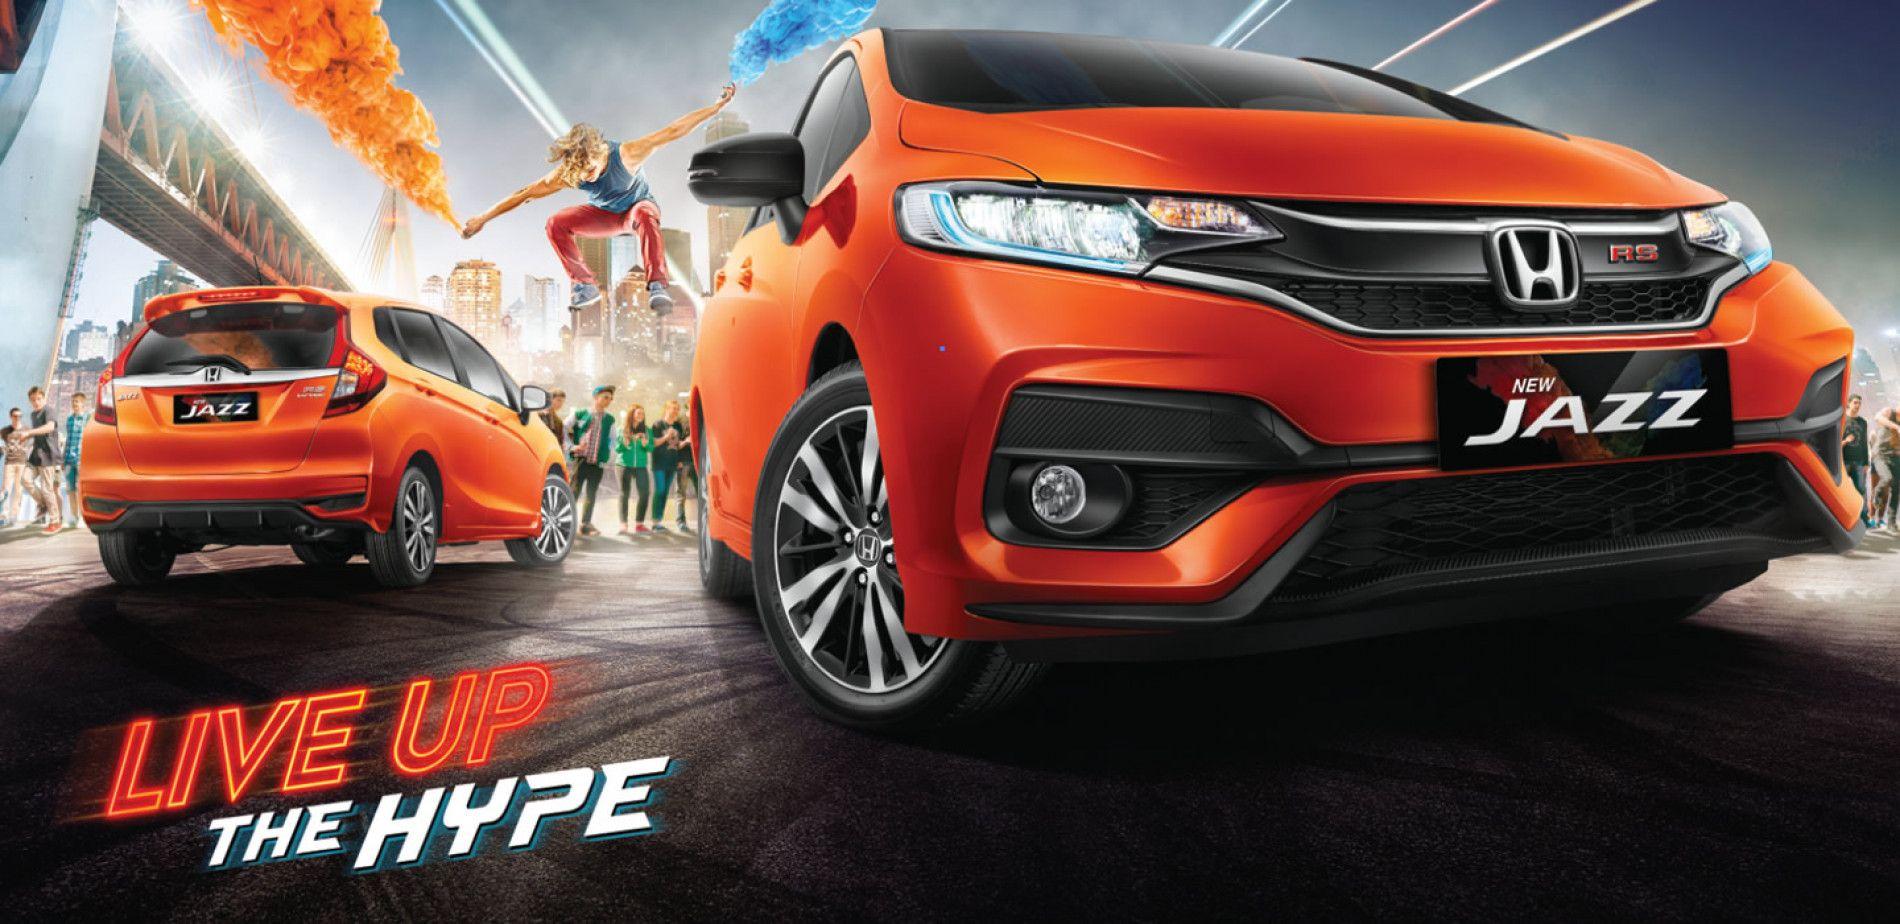 Temukan Sensasi Berkendara Yang Berbeda Dengan Mobil Keren Yang Selalu Menjadi Trendsetter Live Up The Hype With New Honda Honda Mobil Keren Transmisi Manual